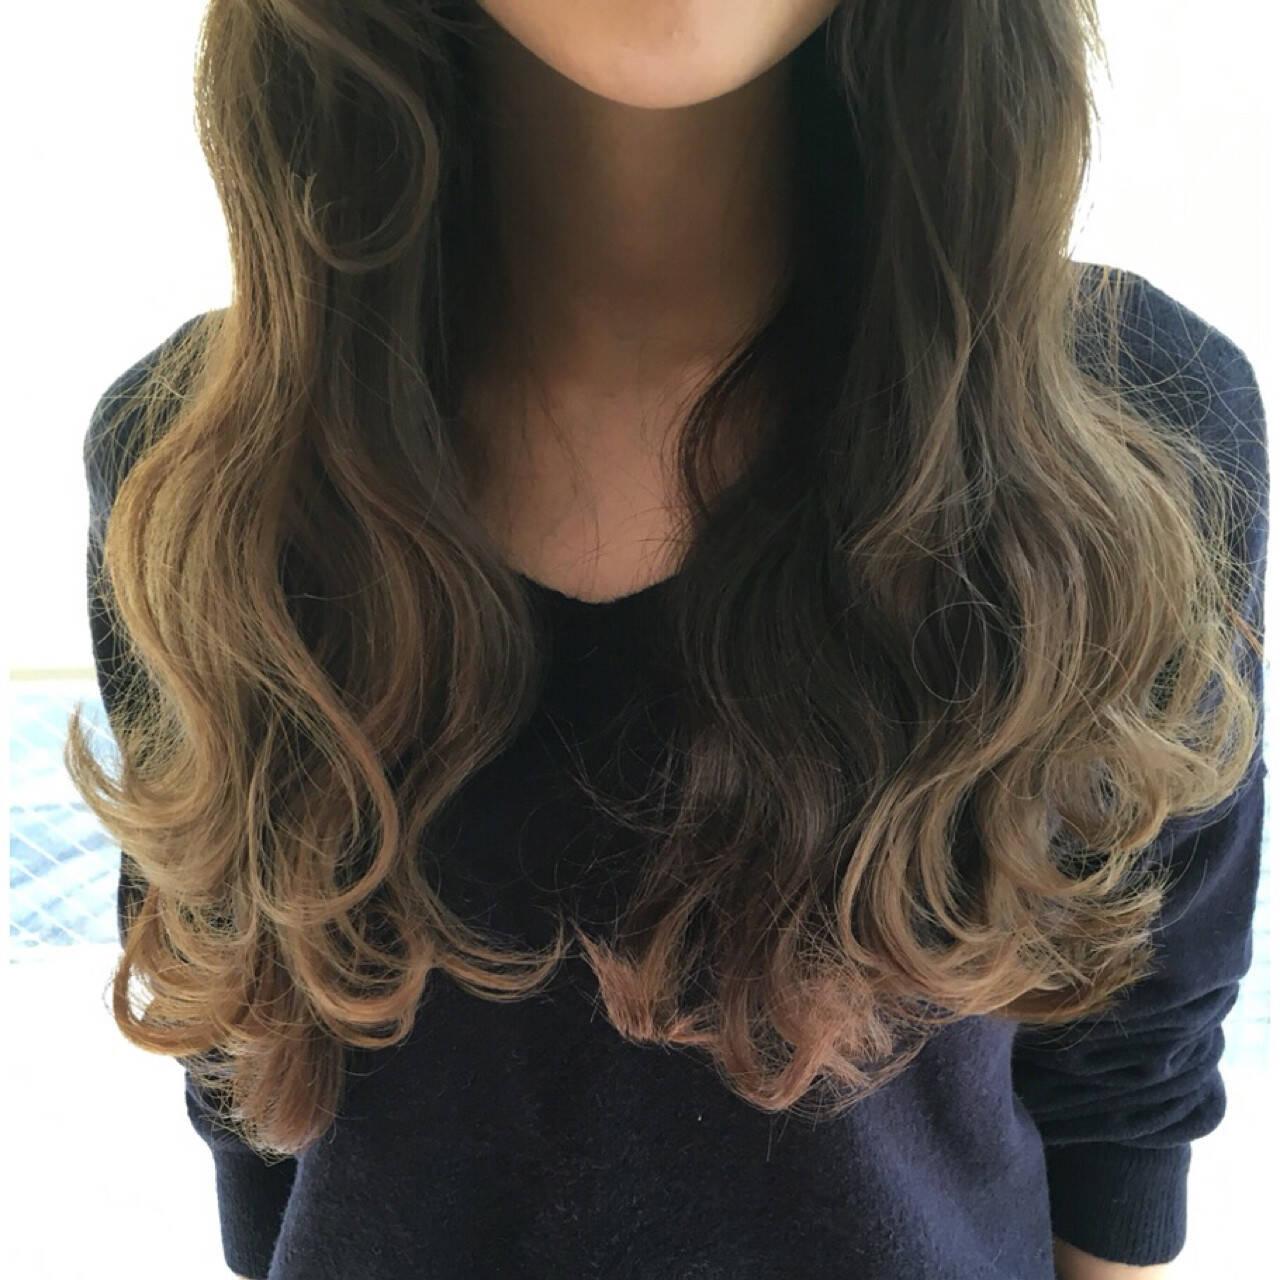 波ウェーブ イルミナカラー ヘアアレンジ ロングヘアスタイルや髪型の写真・画像